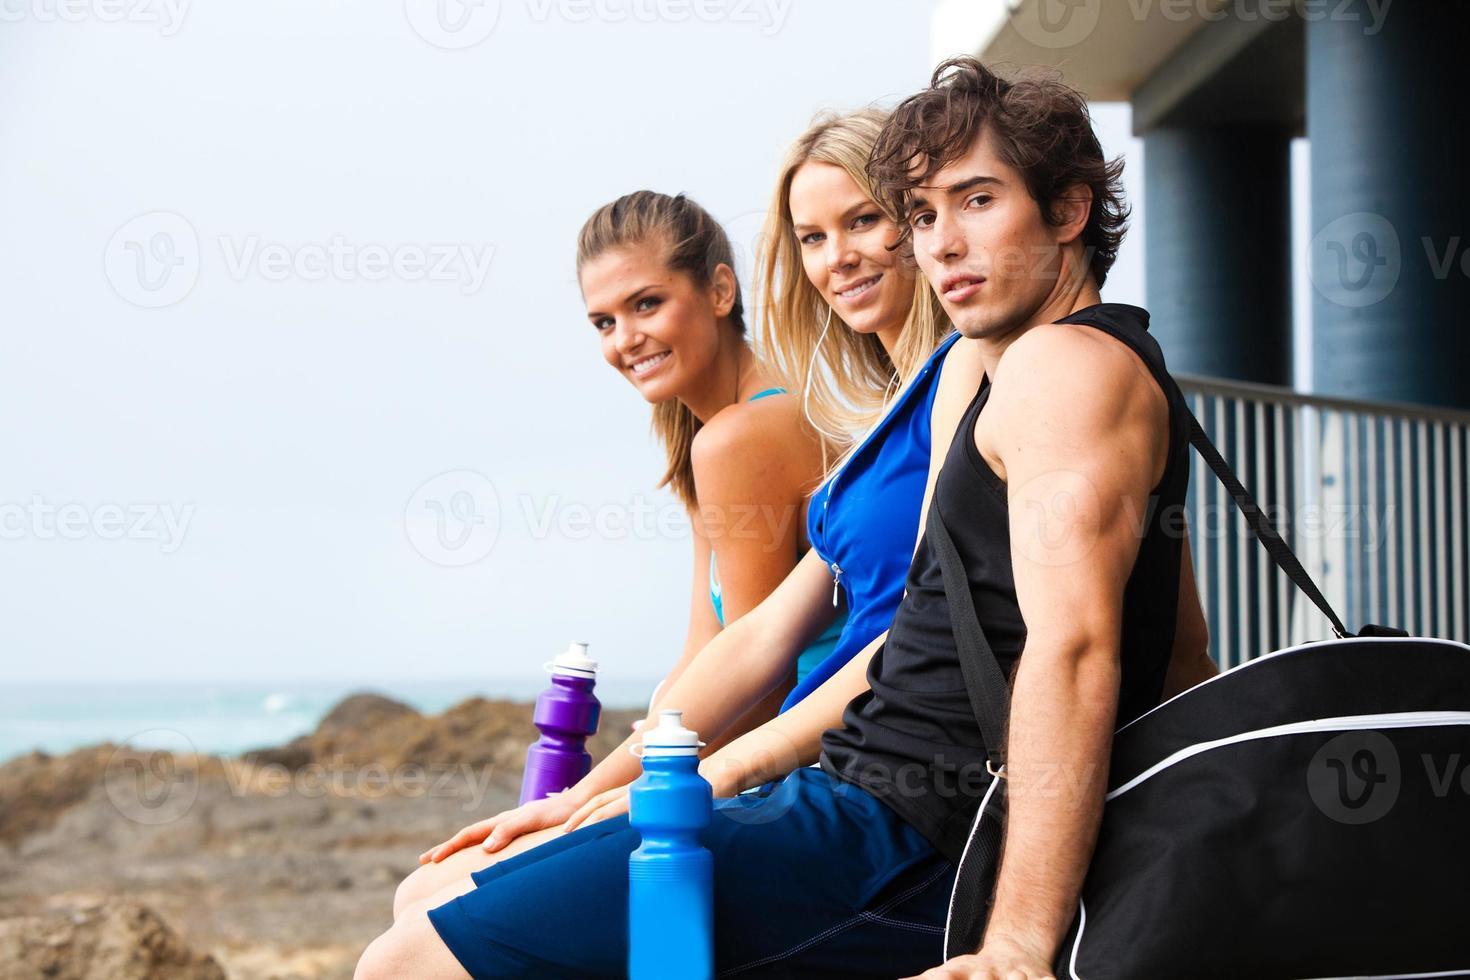 drie lachende jongeren met flessen water op het strand foto